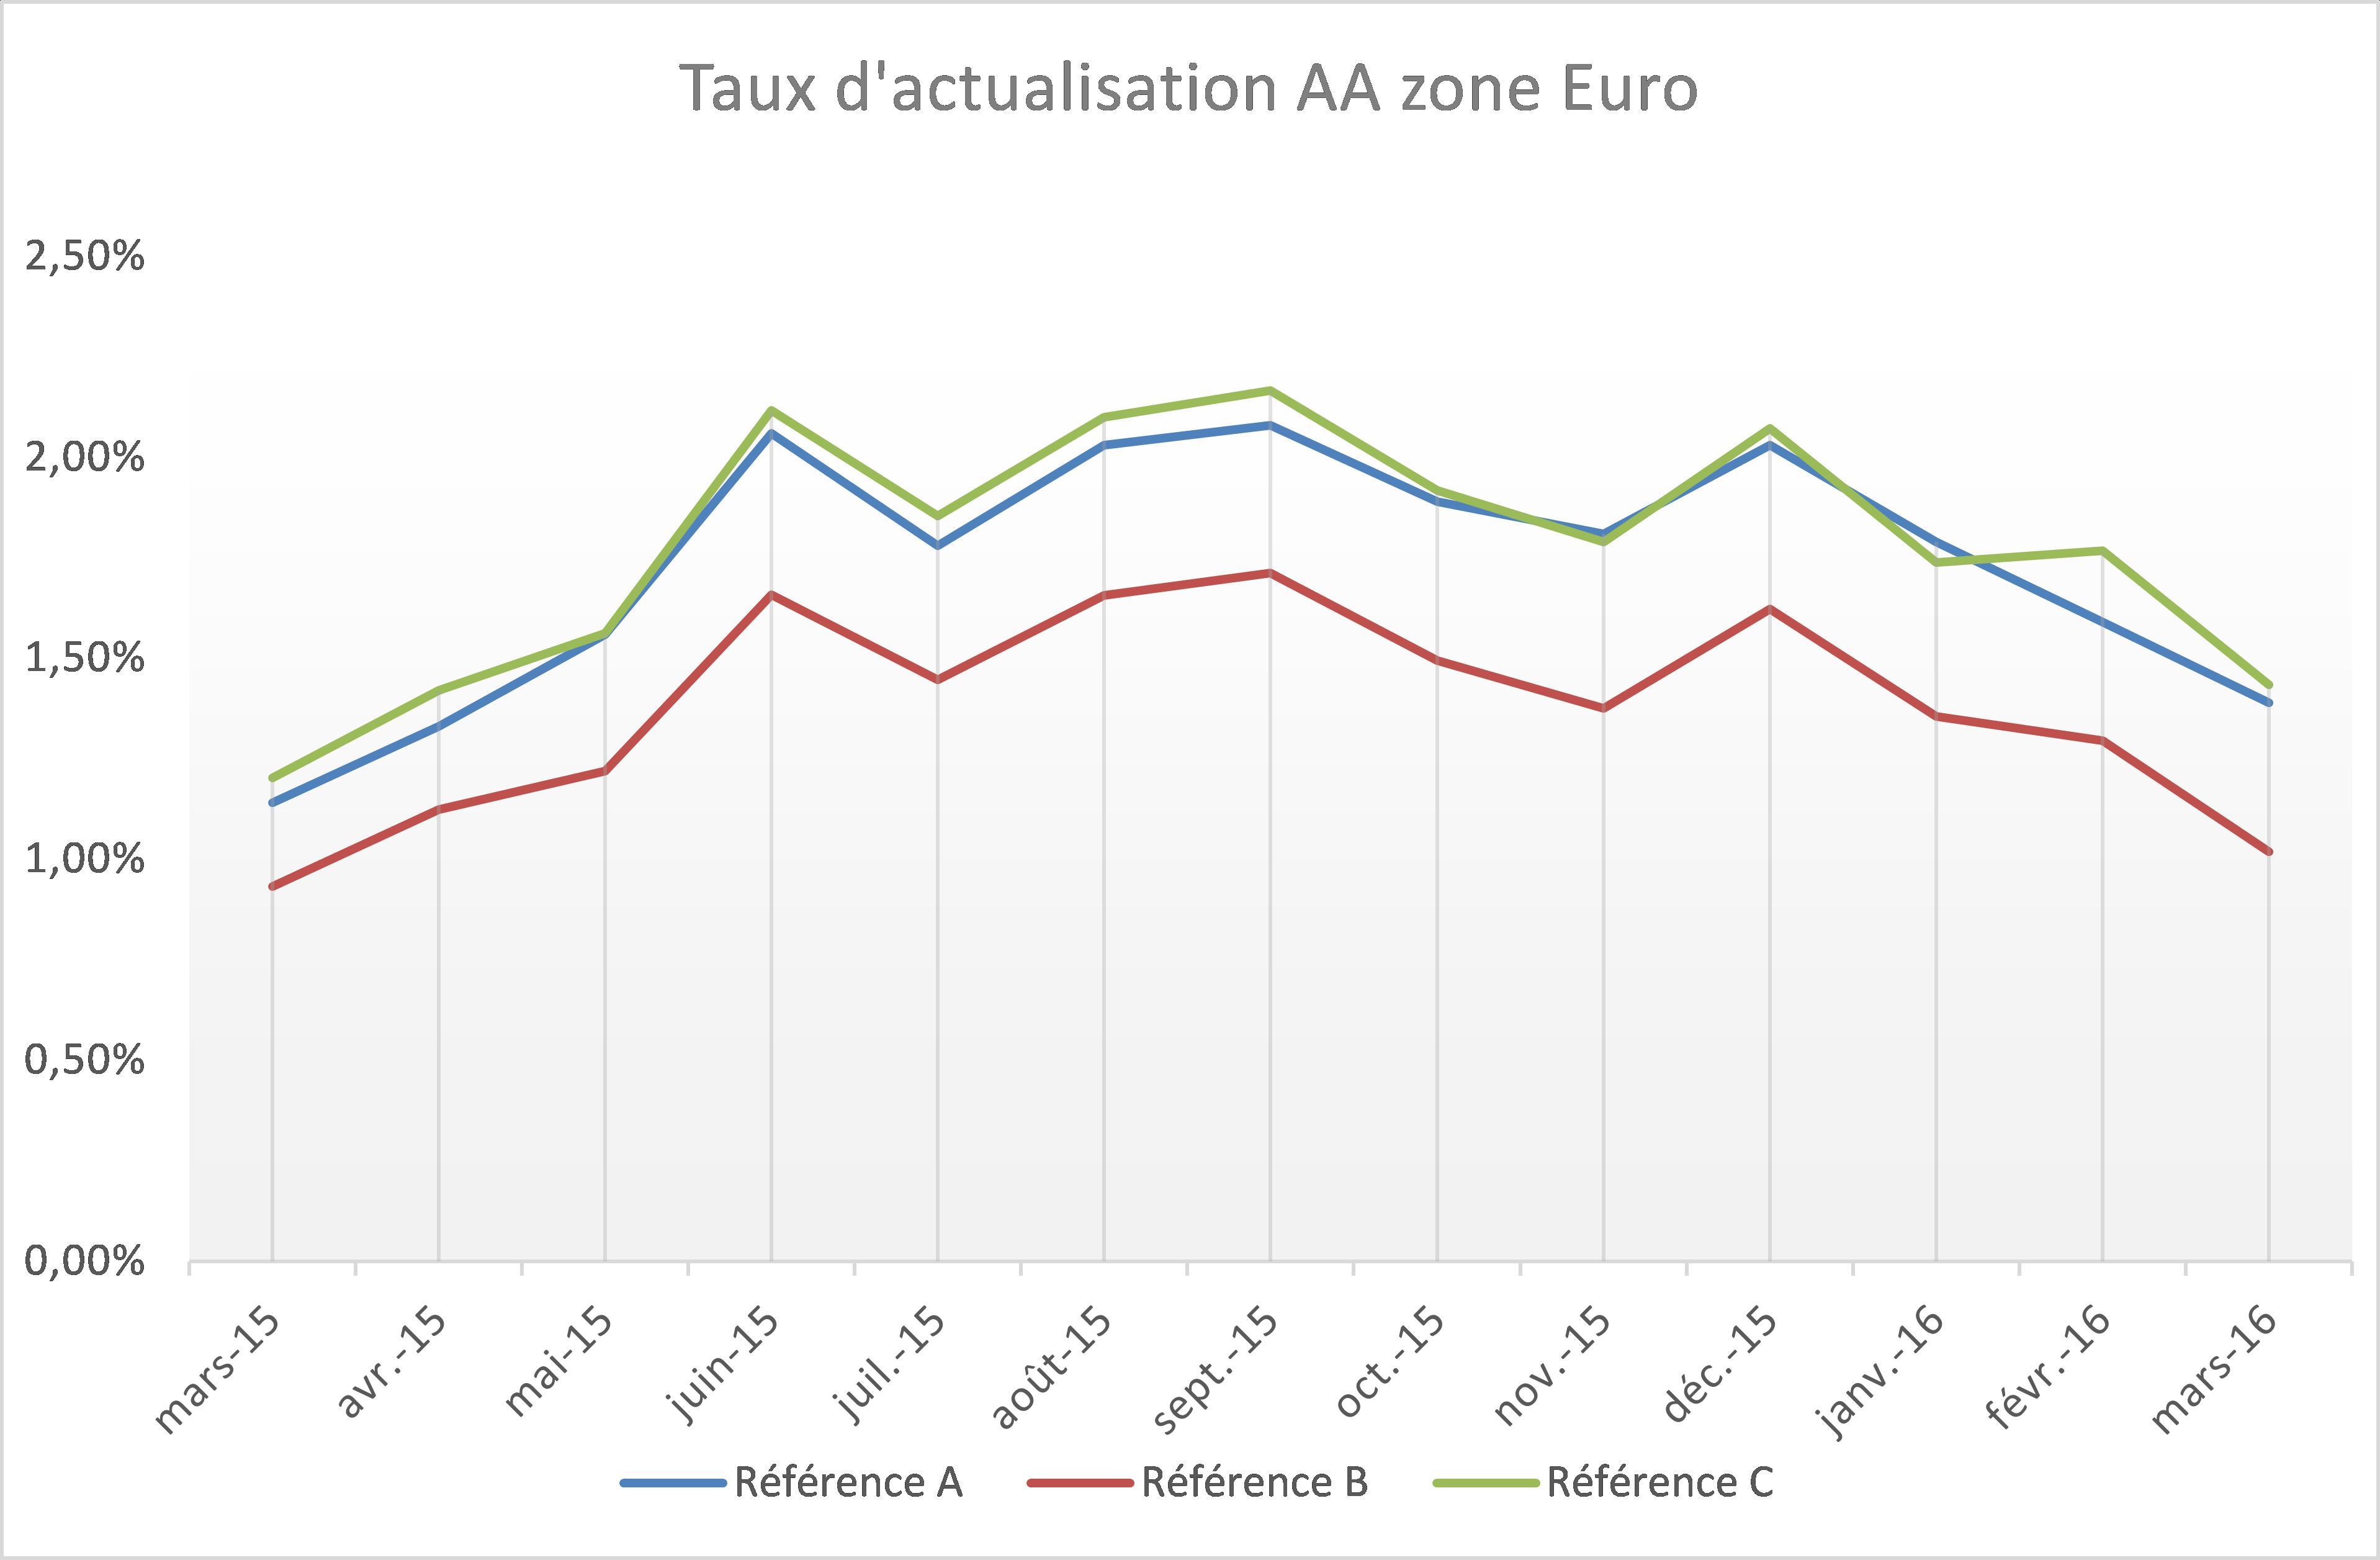 Evolution de différents indices AA long terme depuis le 31/03/2015 sur la zone Euro